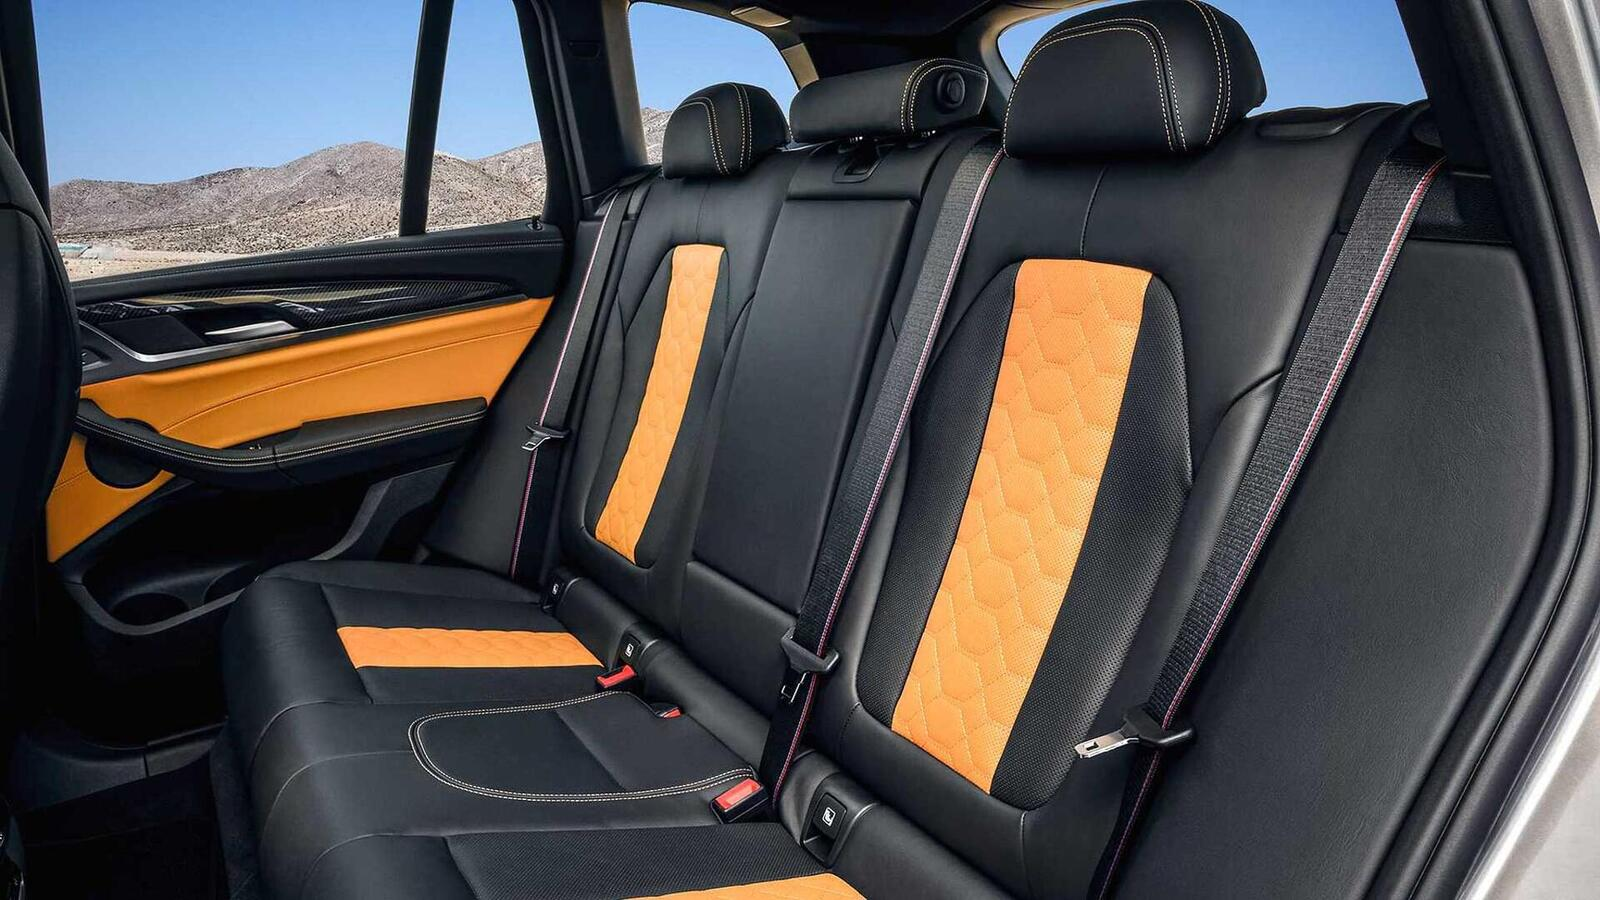 BMW X3 M và X4 M 2020 chính thức ra mắt: Mang trong mình sức mạnh từ 473 - 503 mã lực - Hình 12